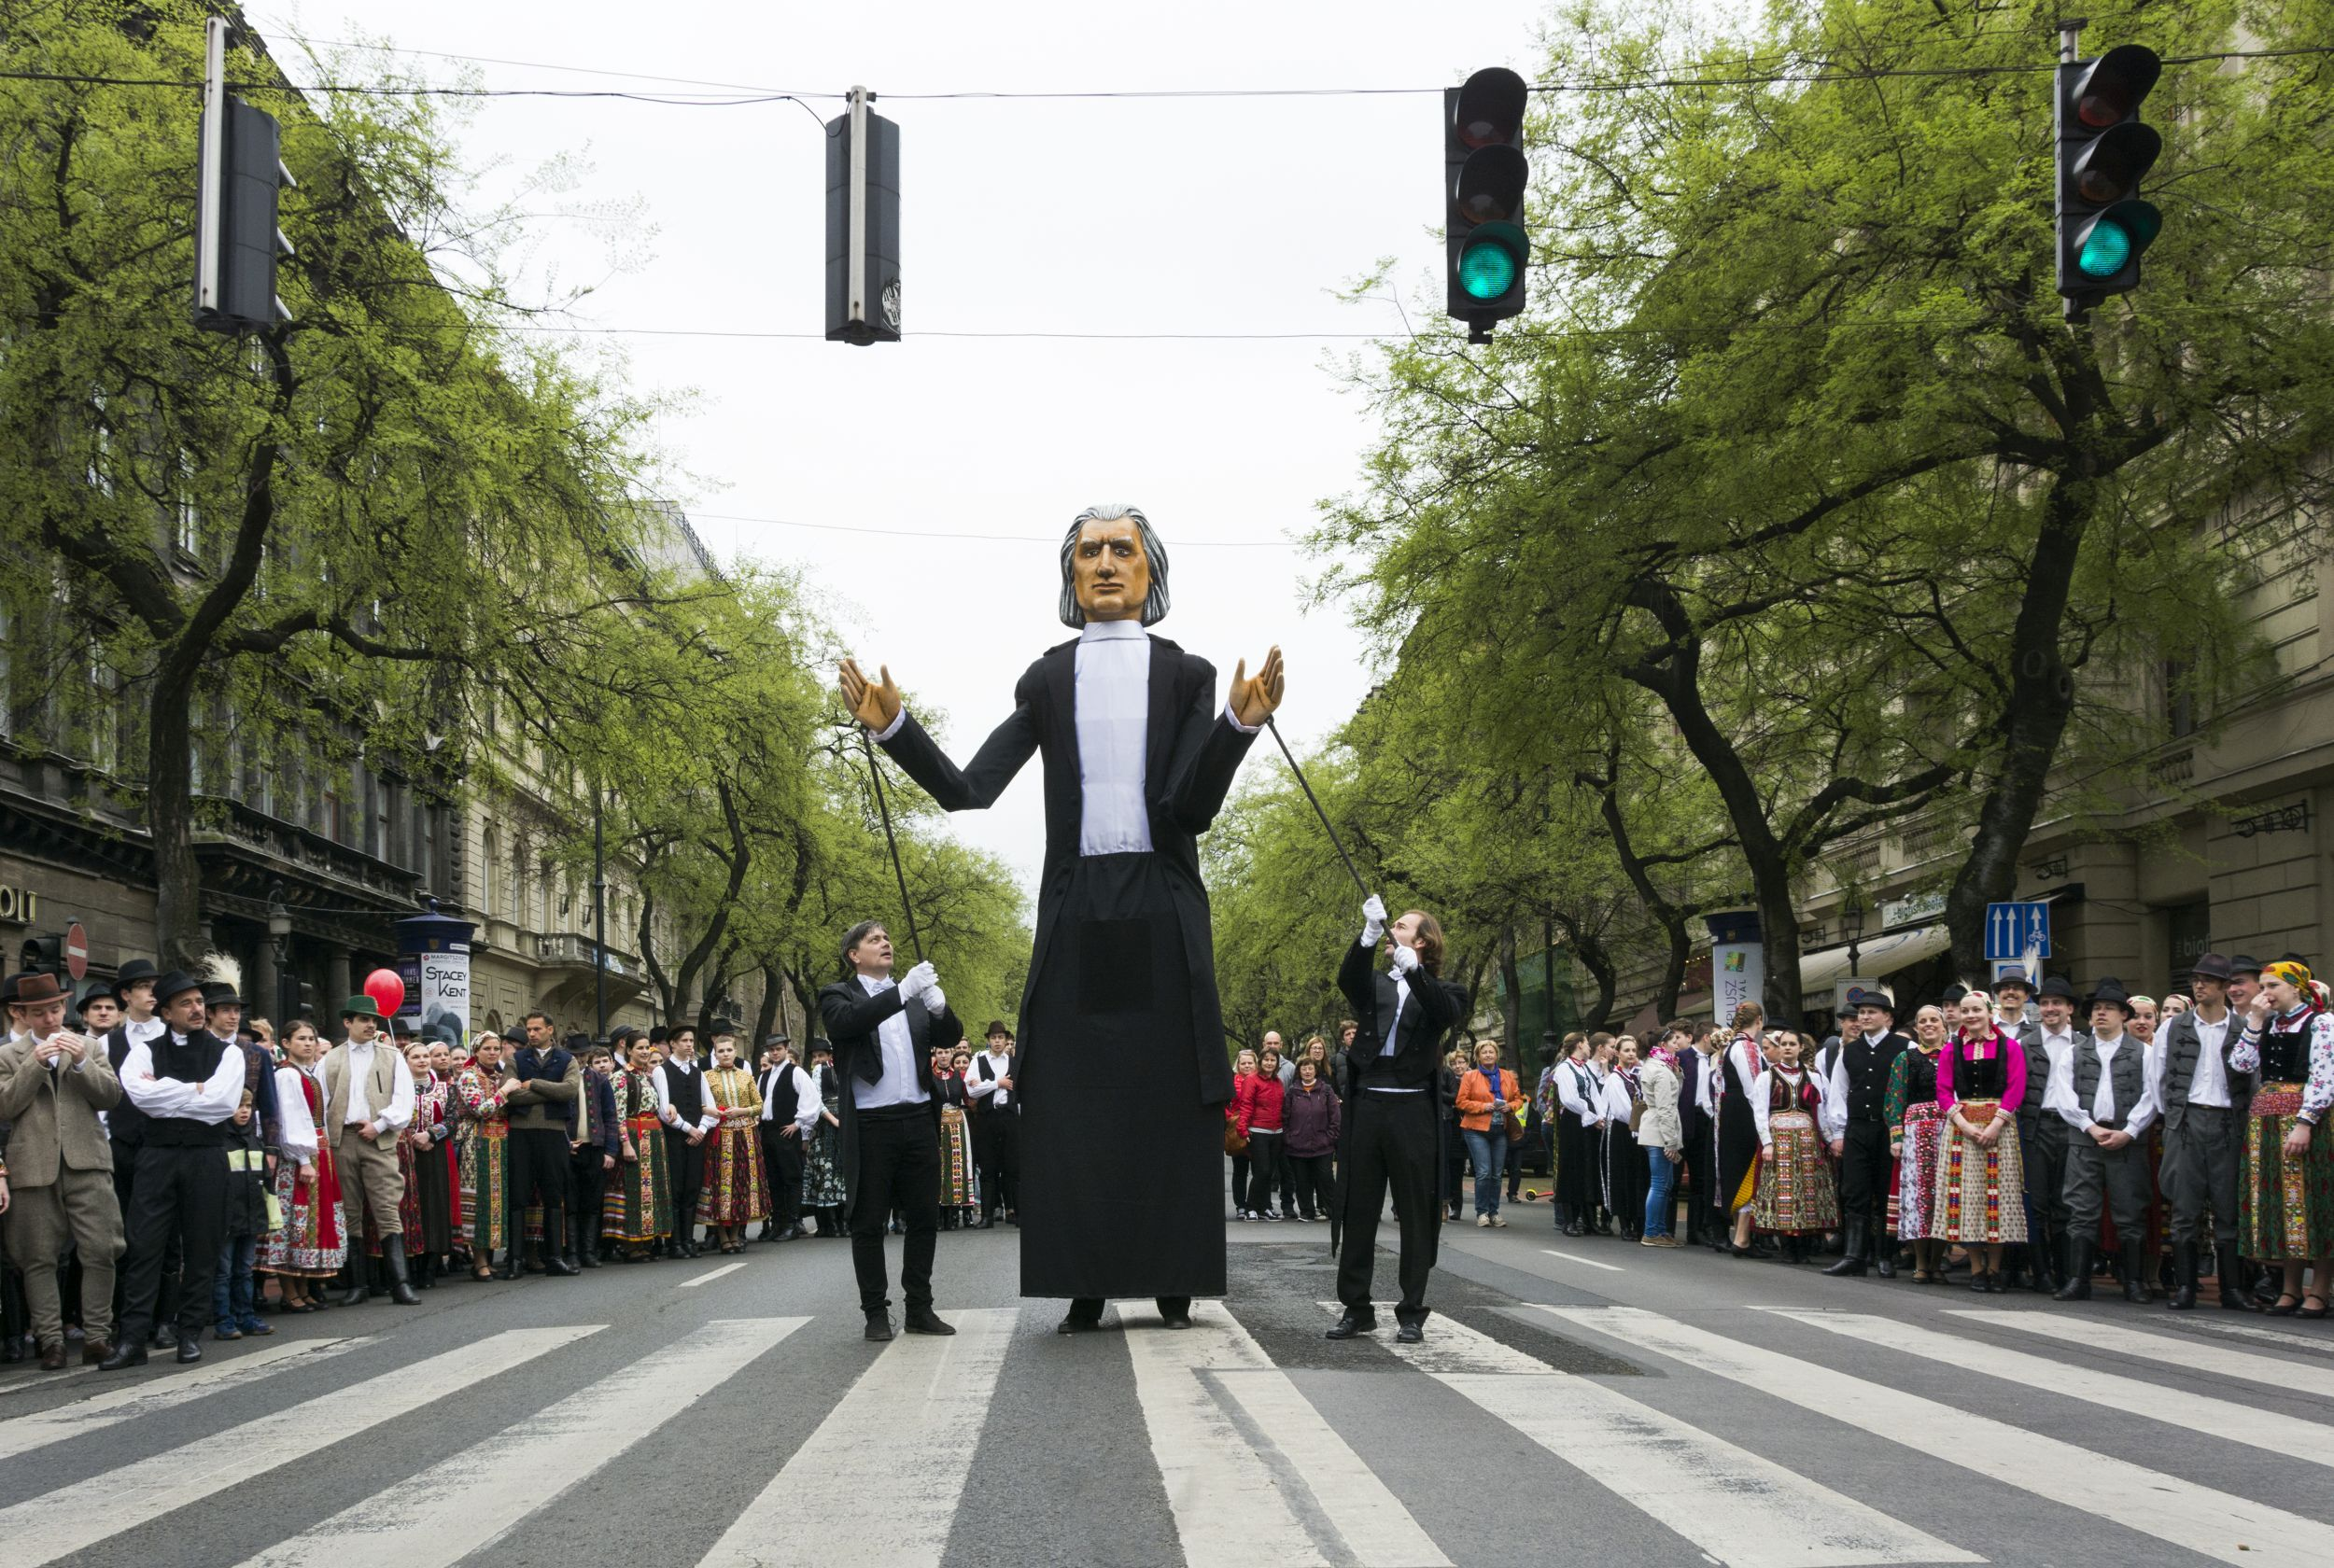 #ITTAHELYEM: vasárnap Promenád!